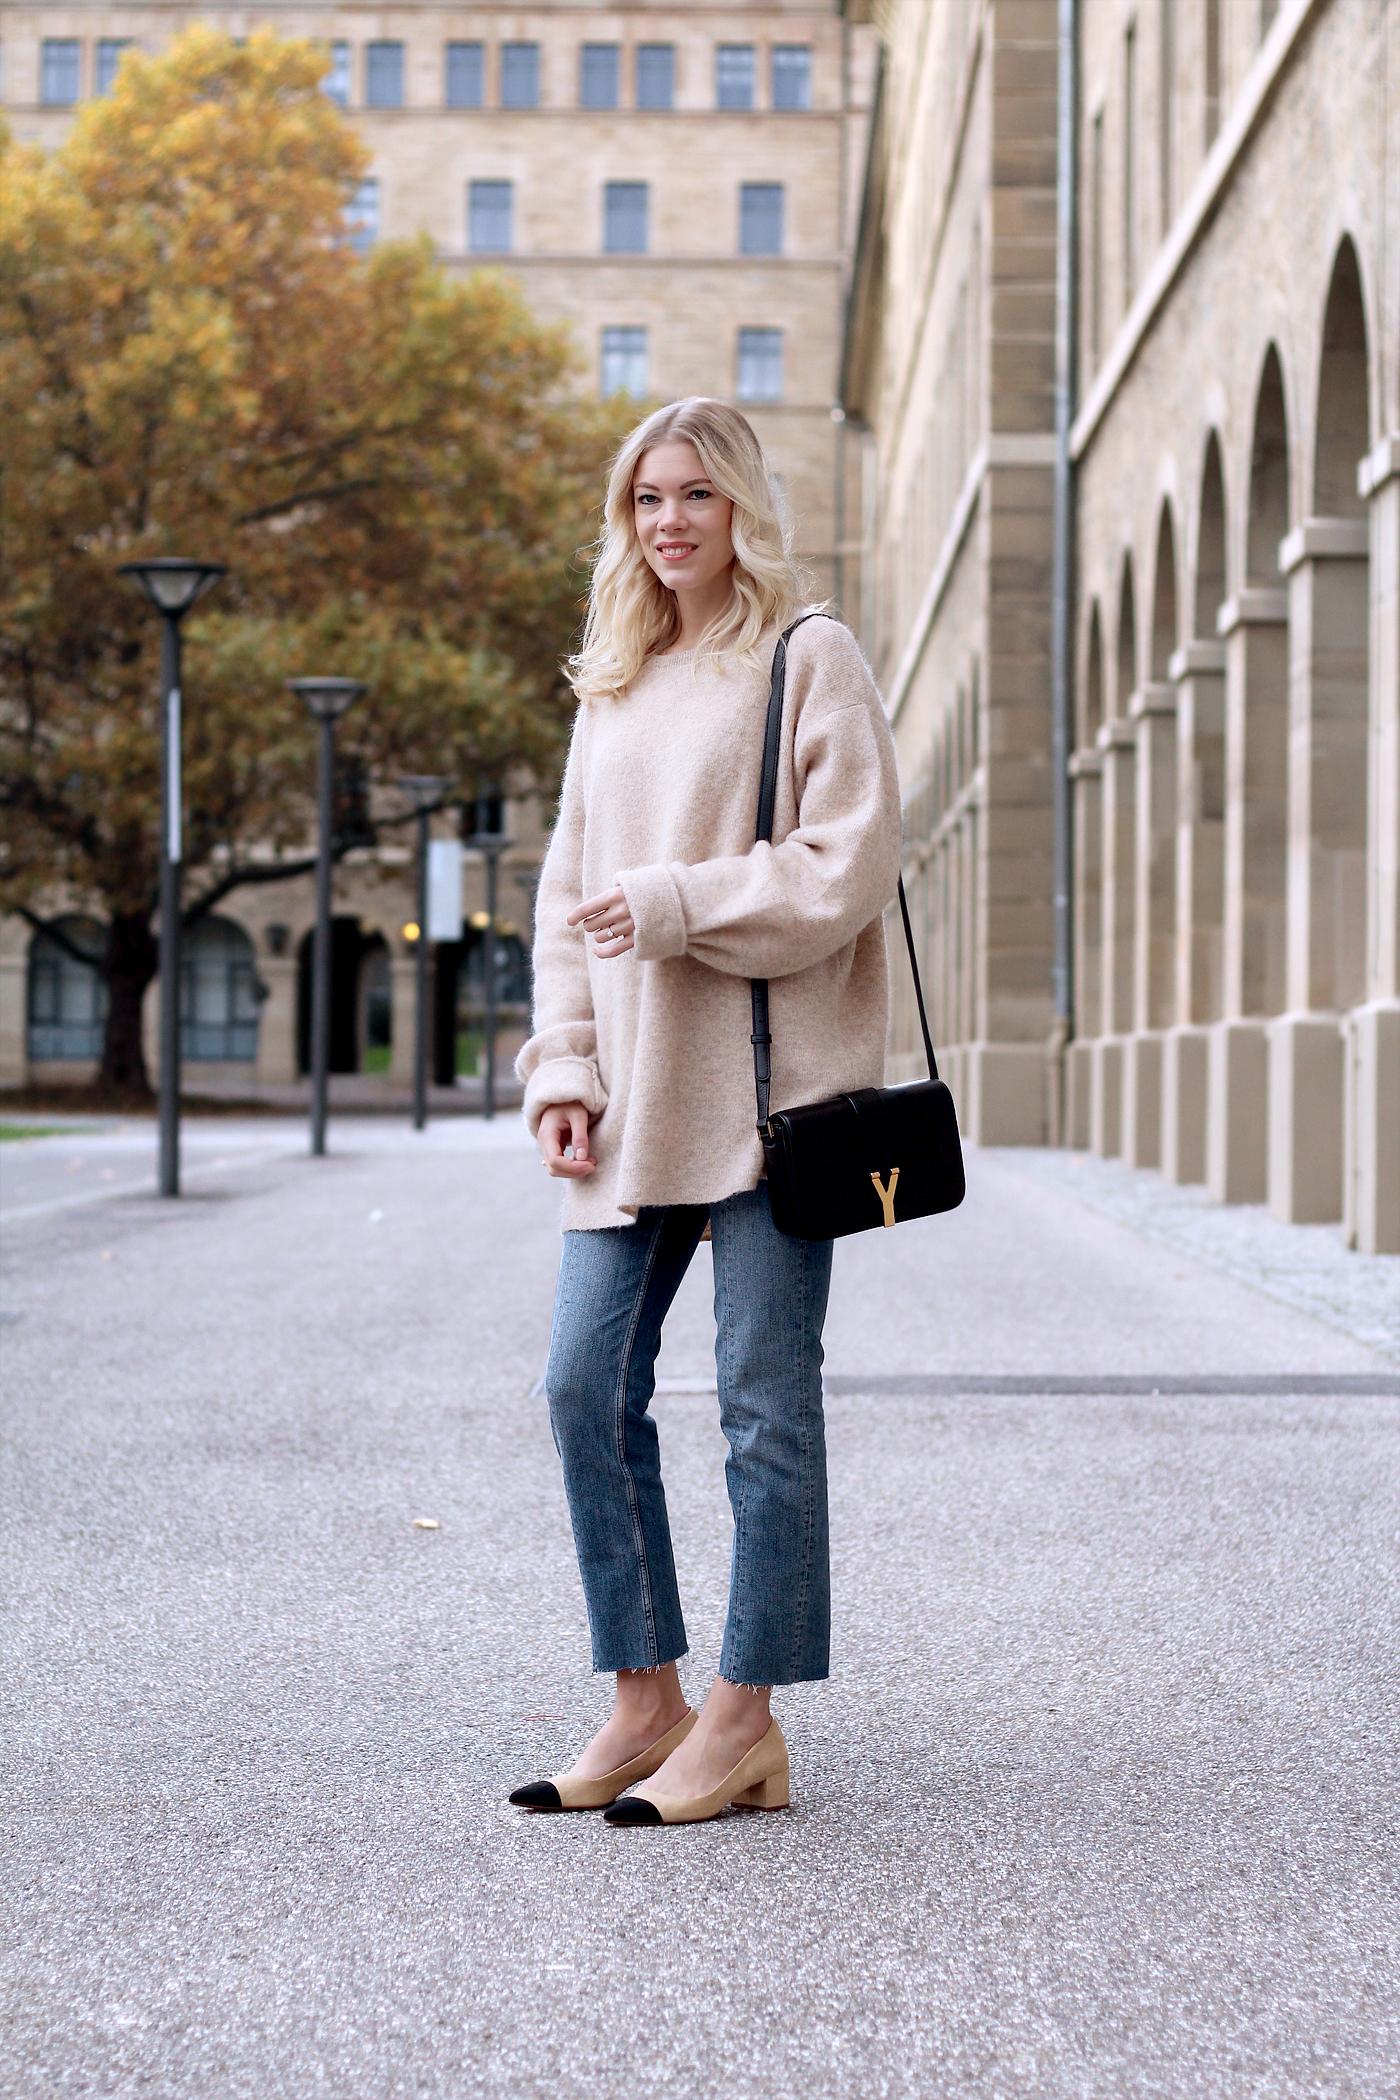 somehappyshoes_fashionblog_hm_mohair_sweater_oversized8